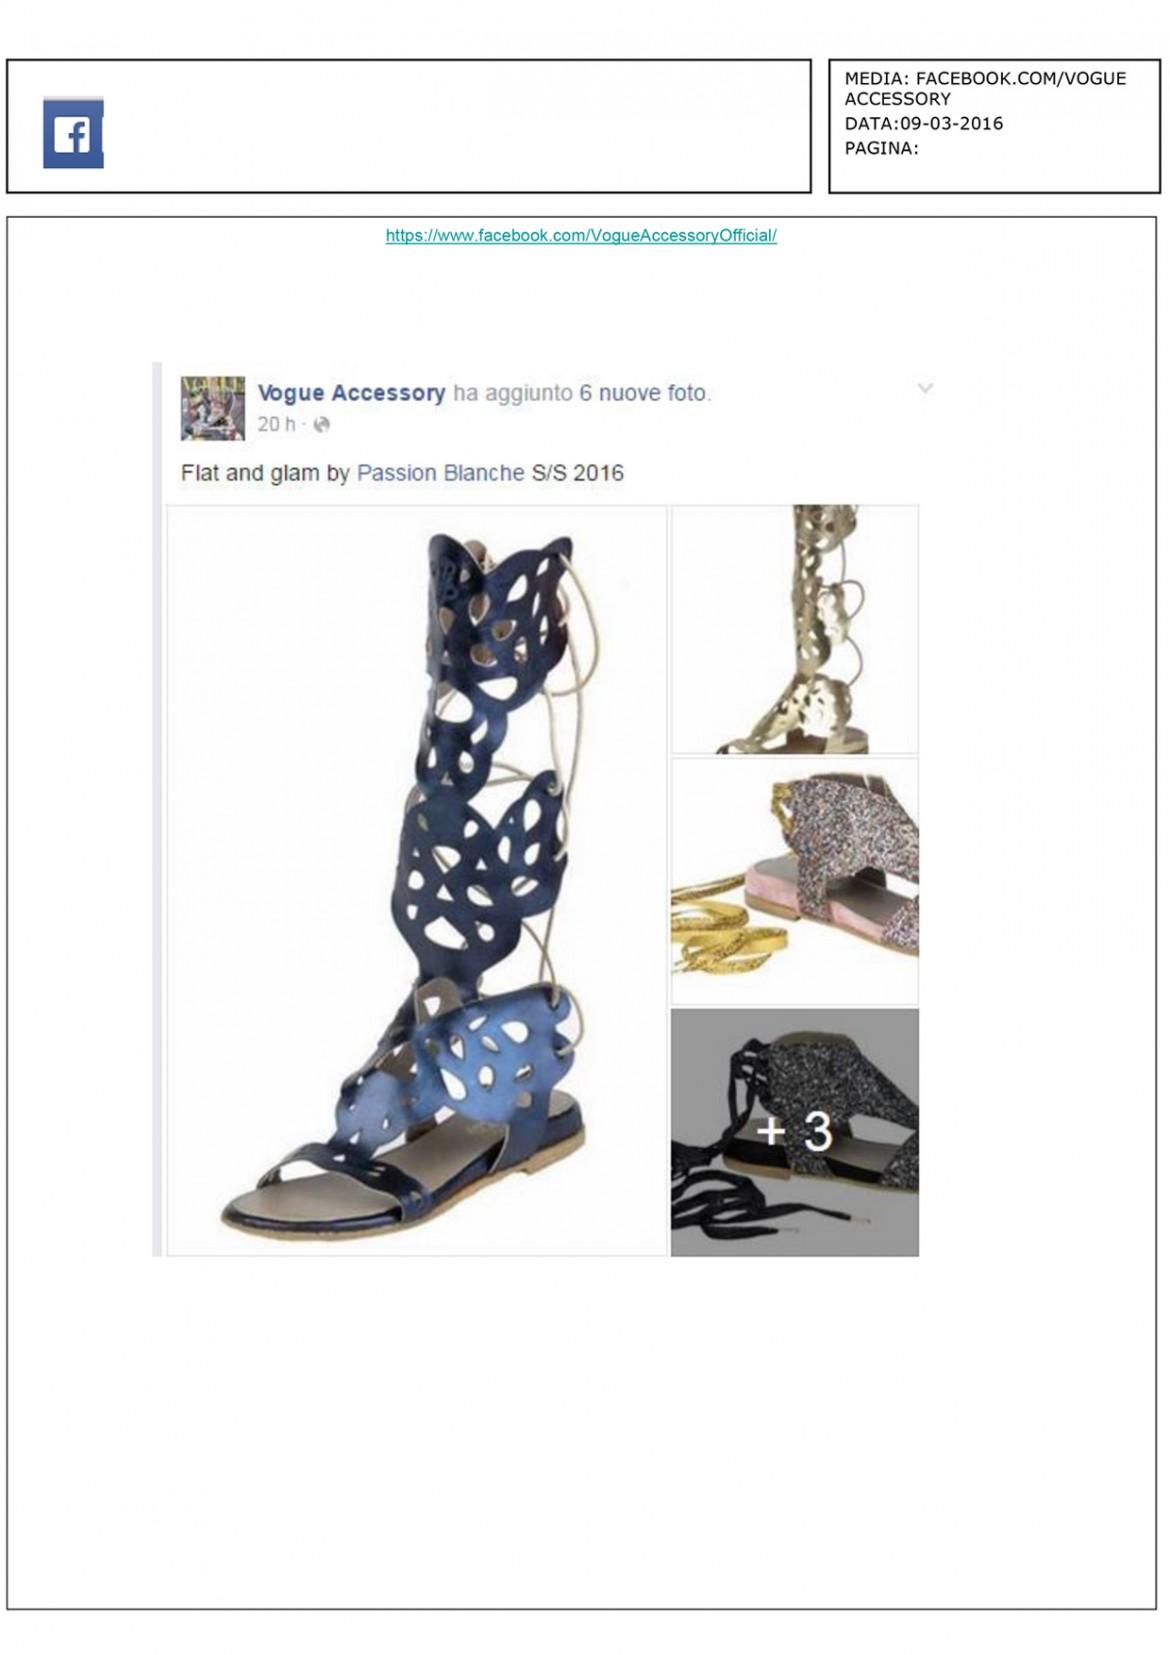 PASSION BLANCHE_VOGUE ACCESSORY_FB_090316